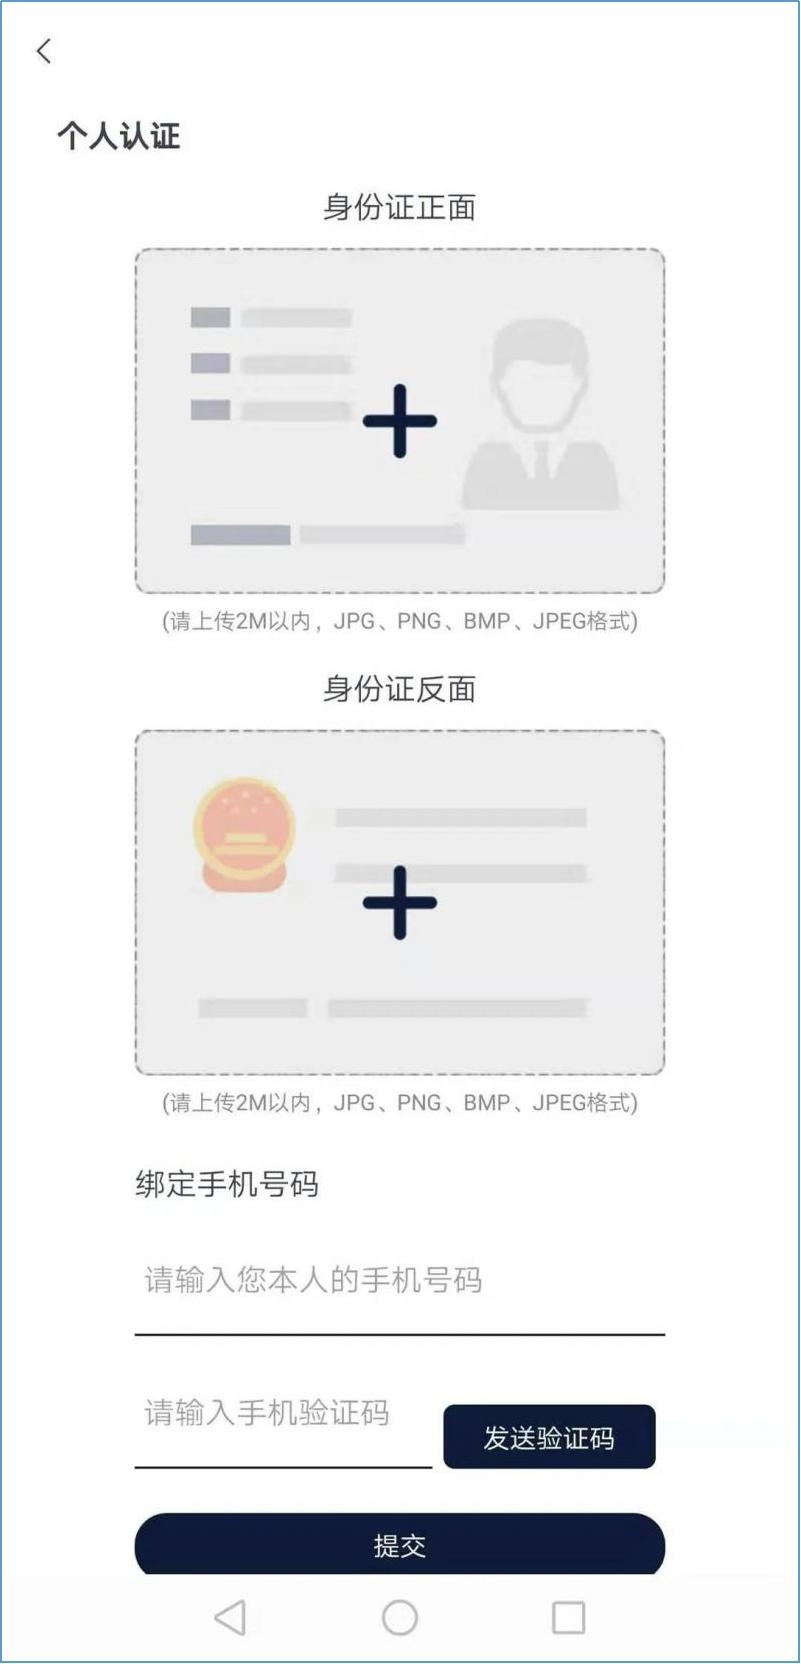 签盾电子合同用户使用手册-移动端 第七张